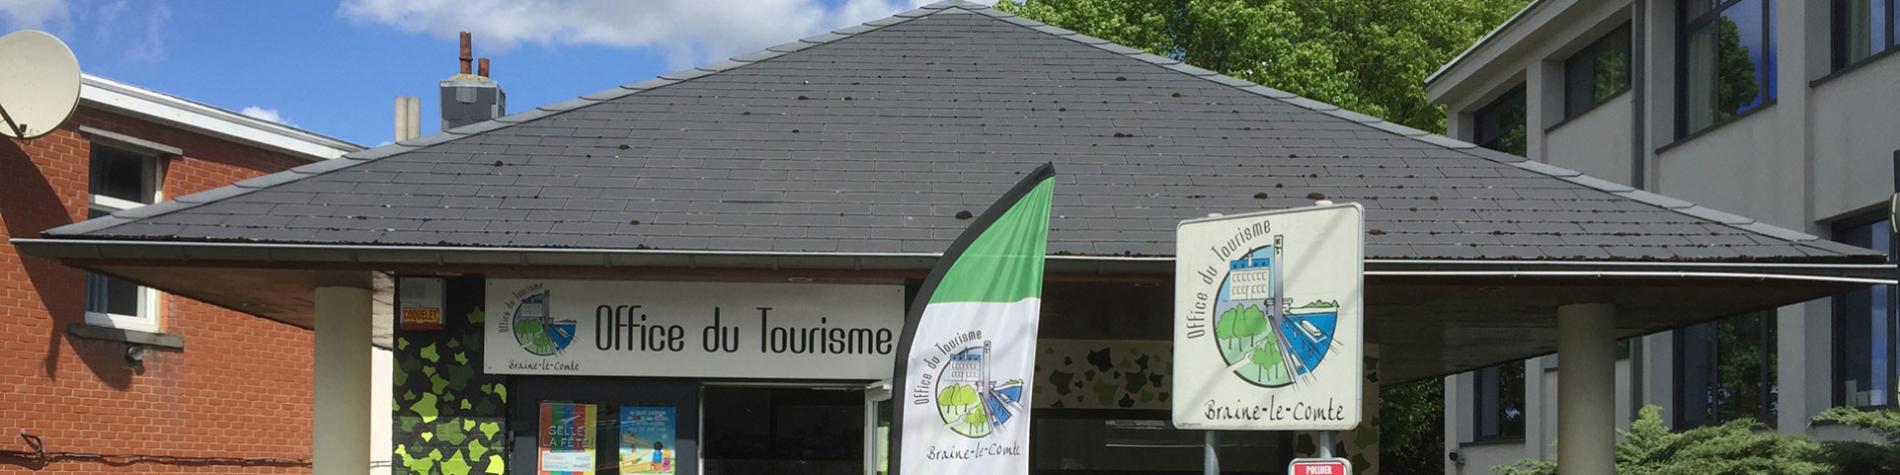 Office - tourisme - Braine-le-comte